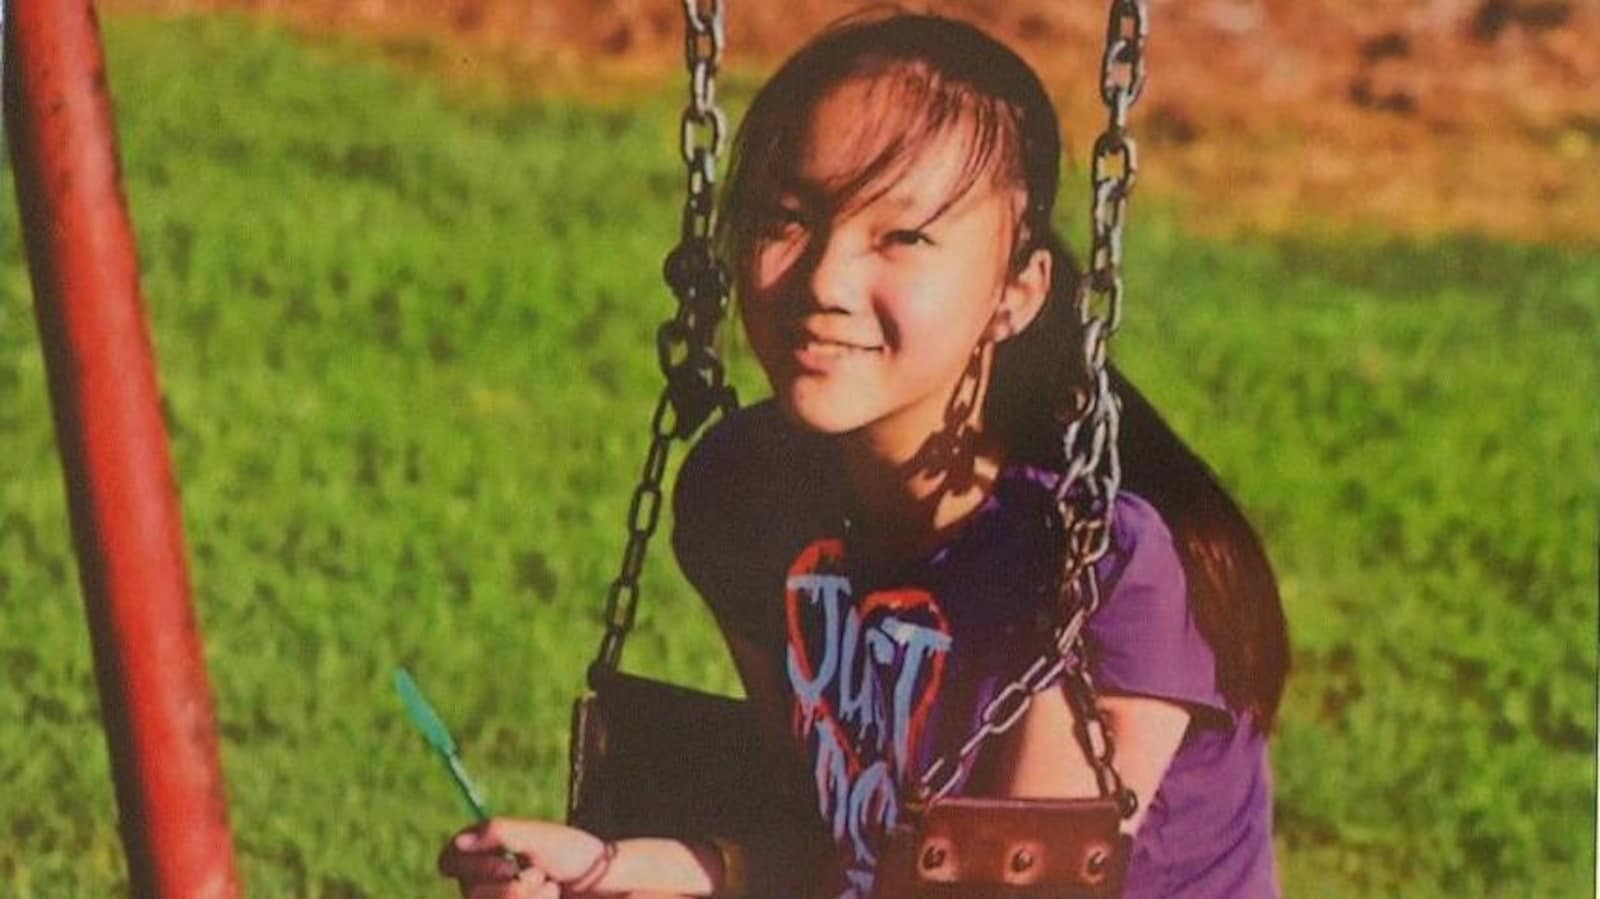 Marrisa Shen, une jeune adolescente asiatique assise sur une balançoire avec un carnet et un crayon dans les mains.